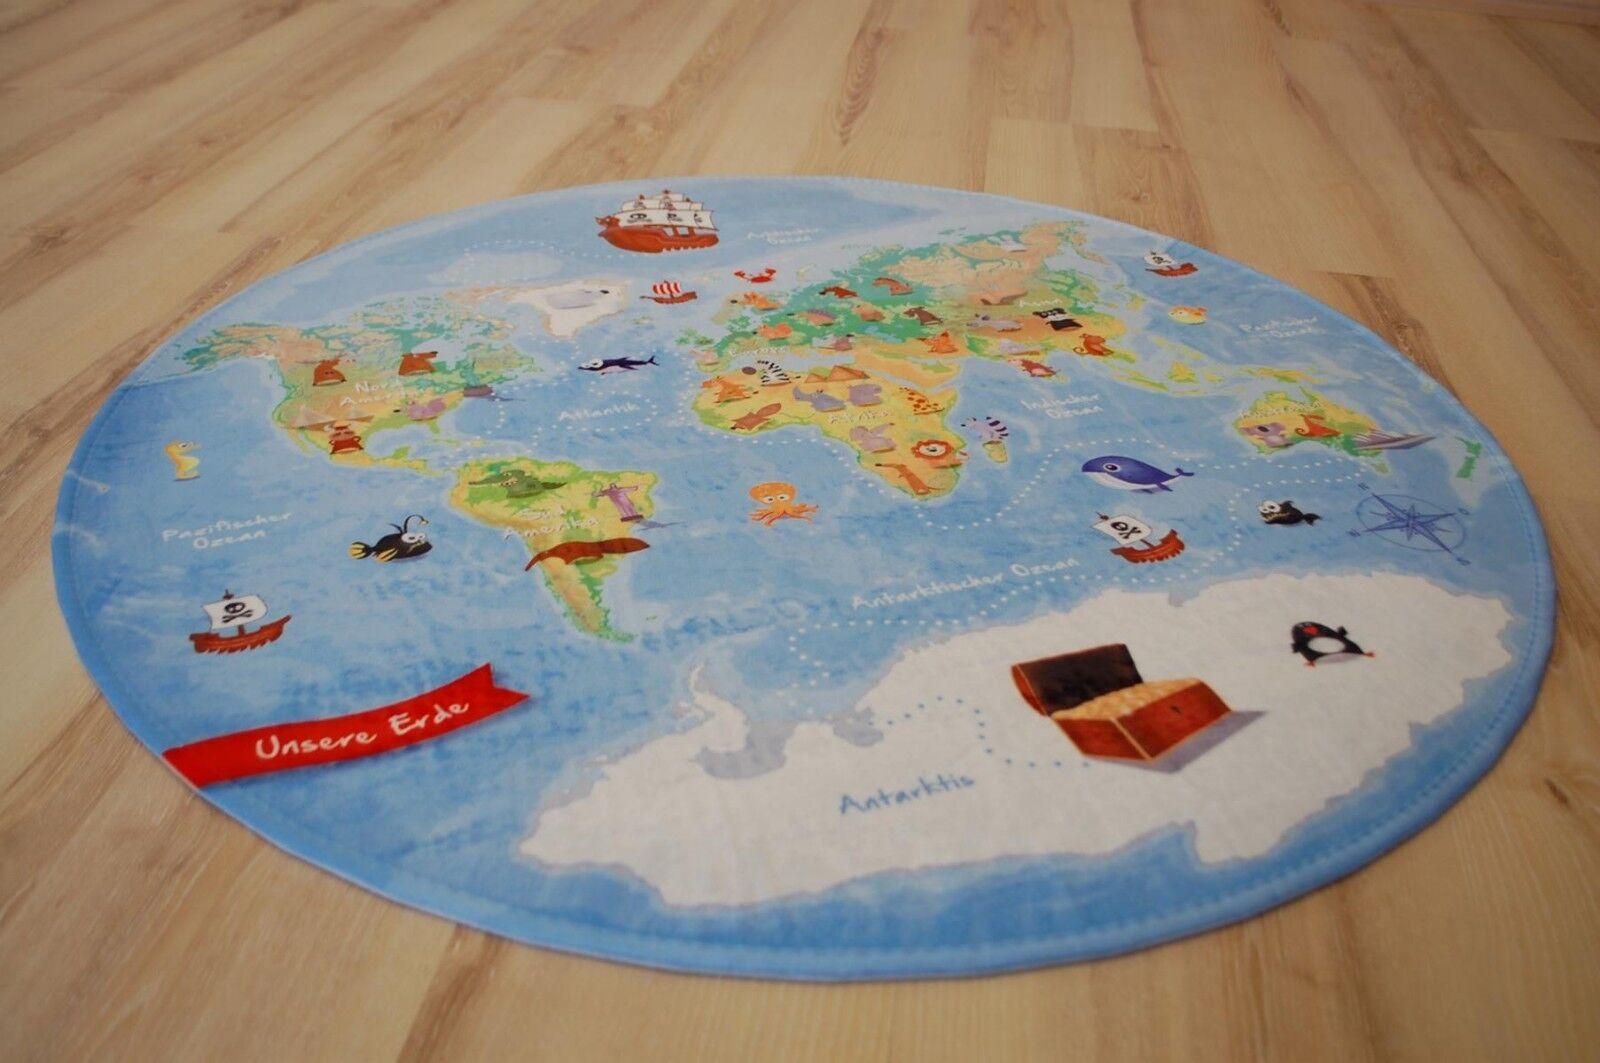 Bambini Tappeto Gioco Mappamondo 130 cm Tondo Lk-413 Mondo Nostri Terra Nuovo